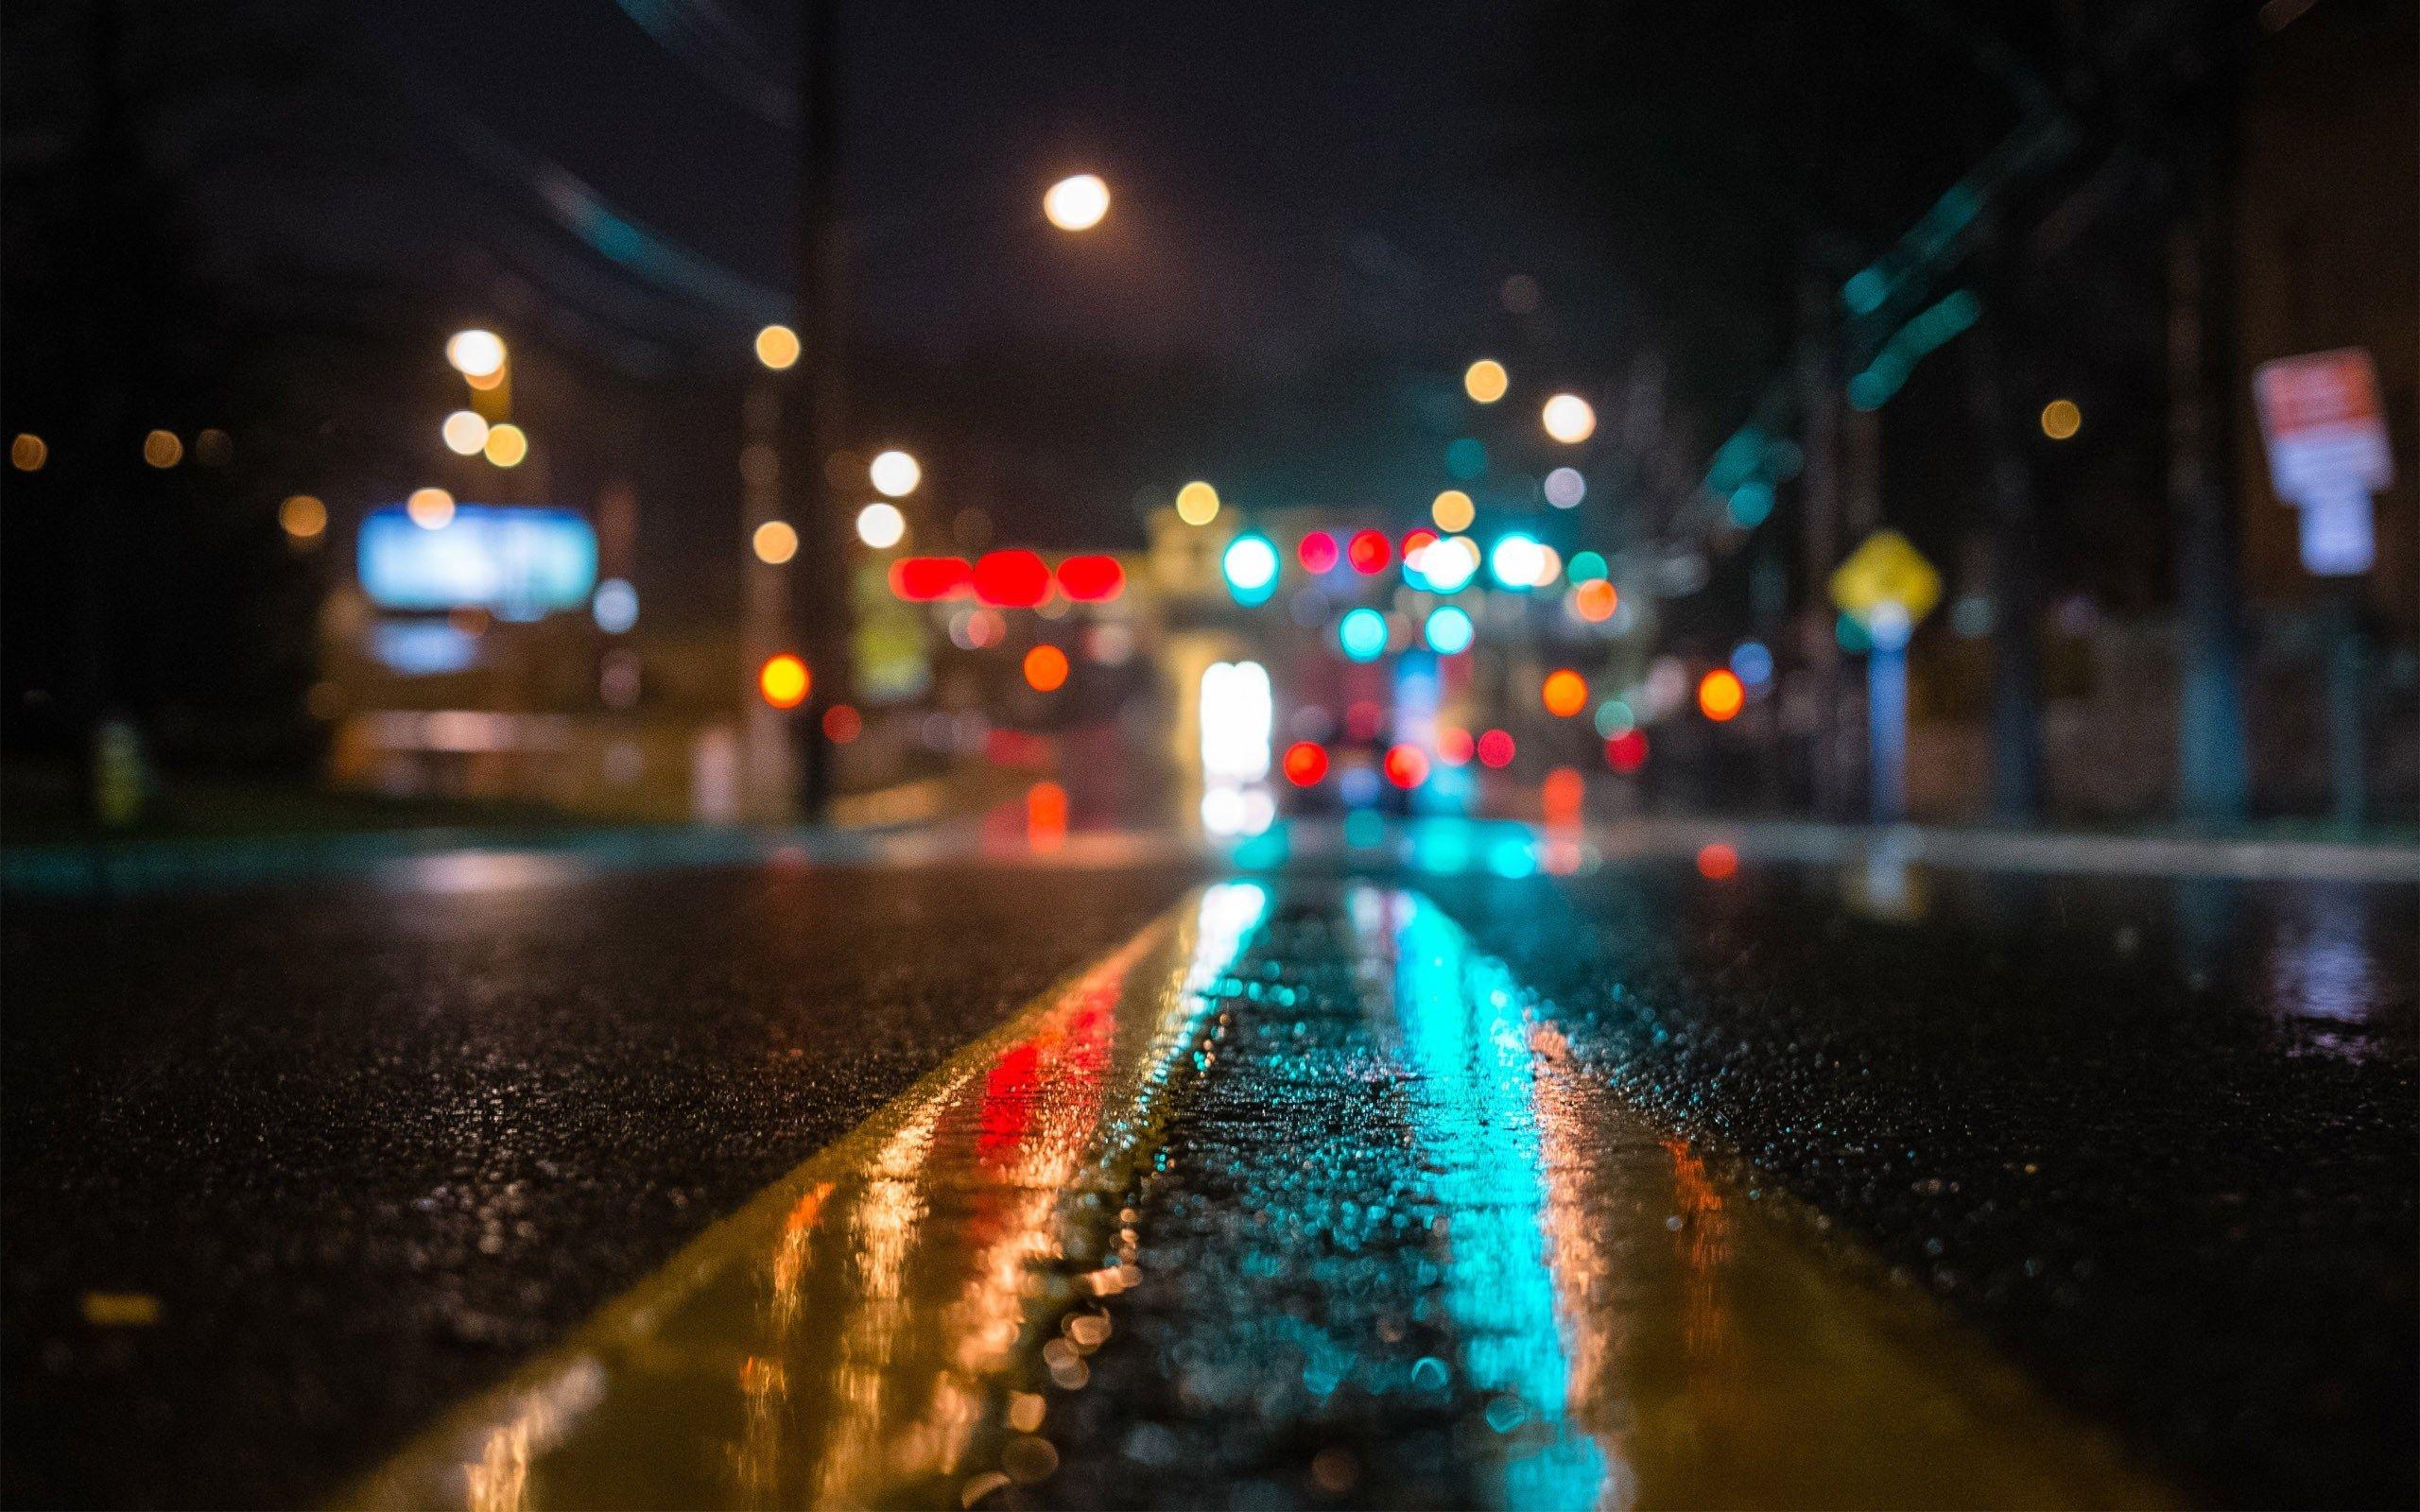 city night art hd - photo #45